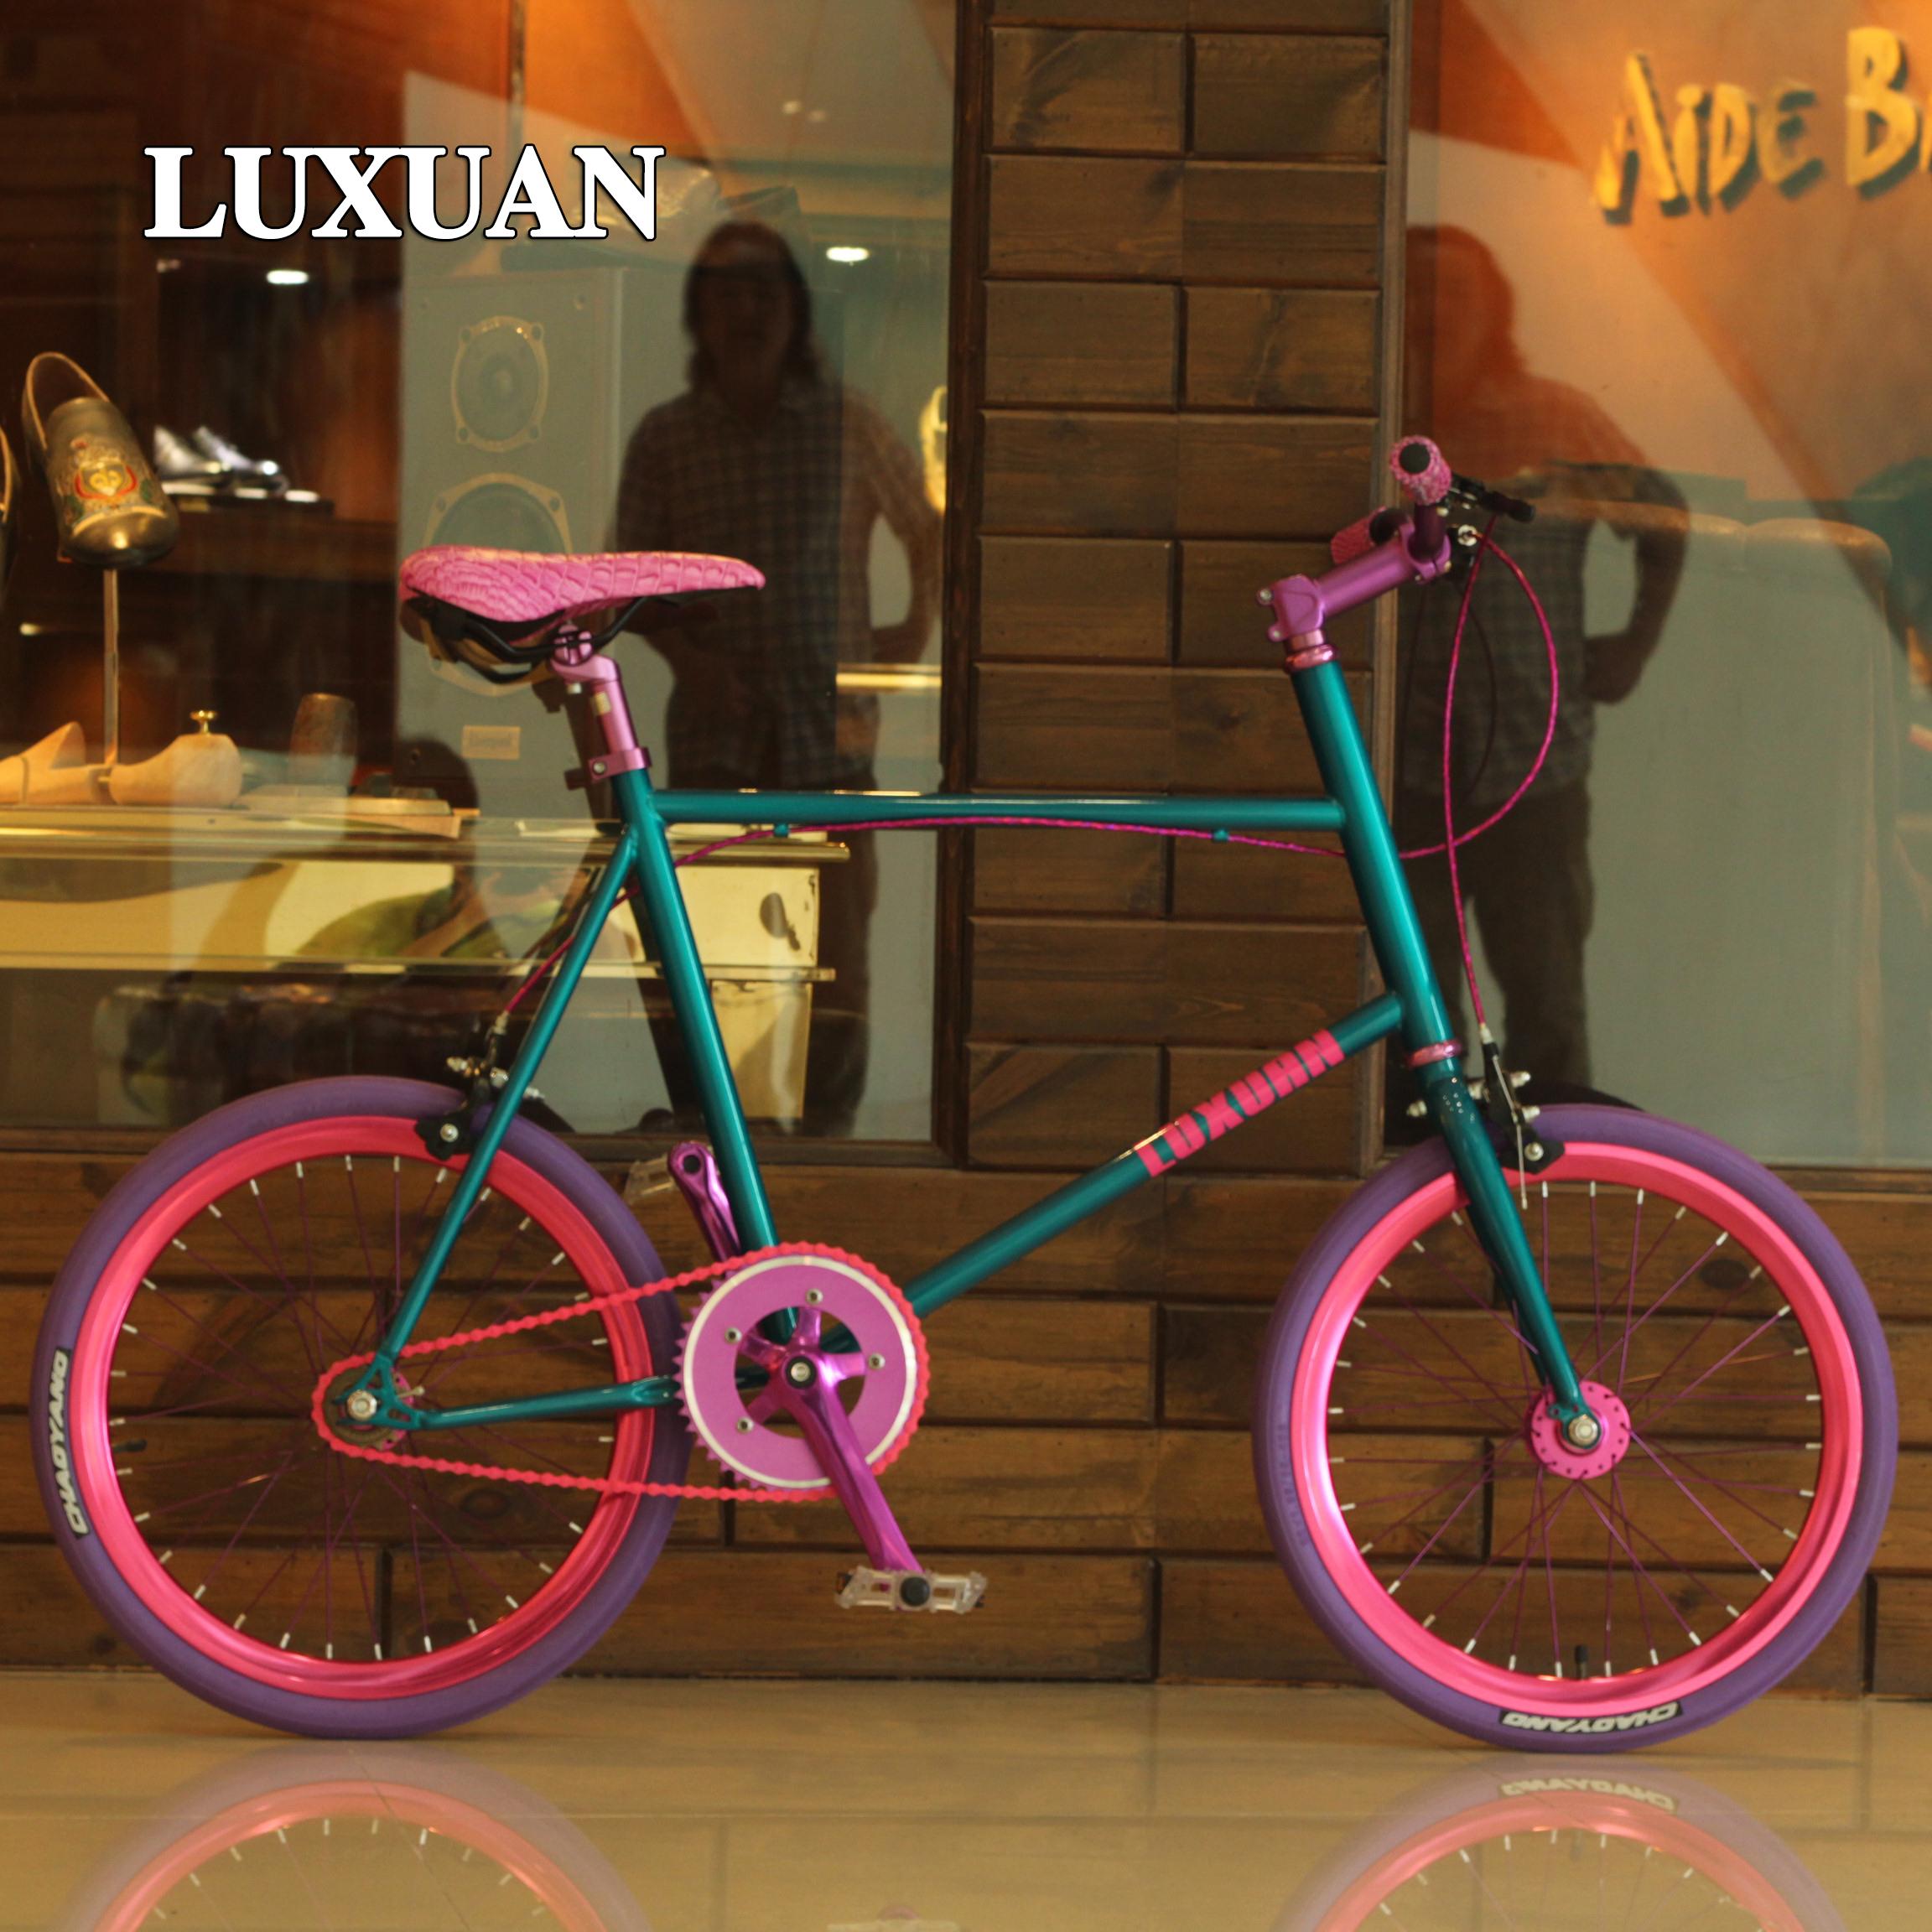 [限时特惠]通勤20寸脚踏自行车女式男女学生个性自行车女士时尚轻便单车复古淘宝特价 678.64 元